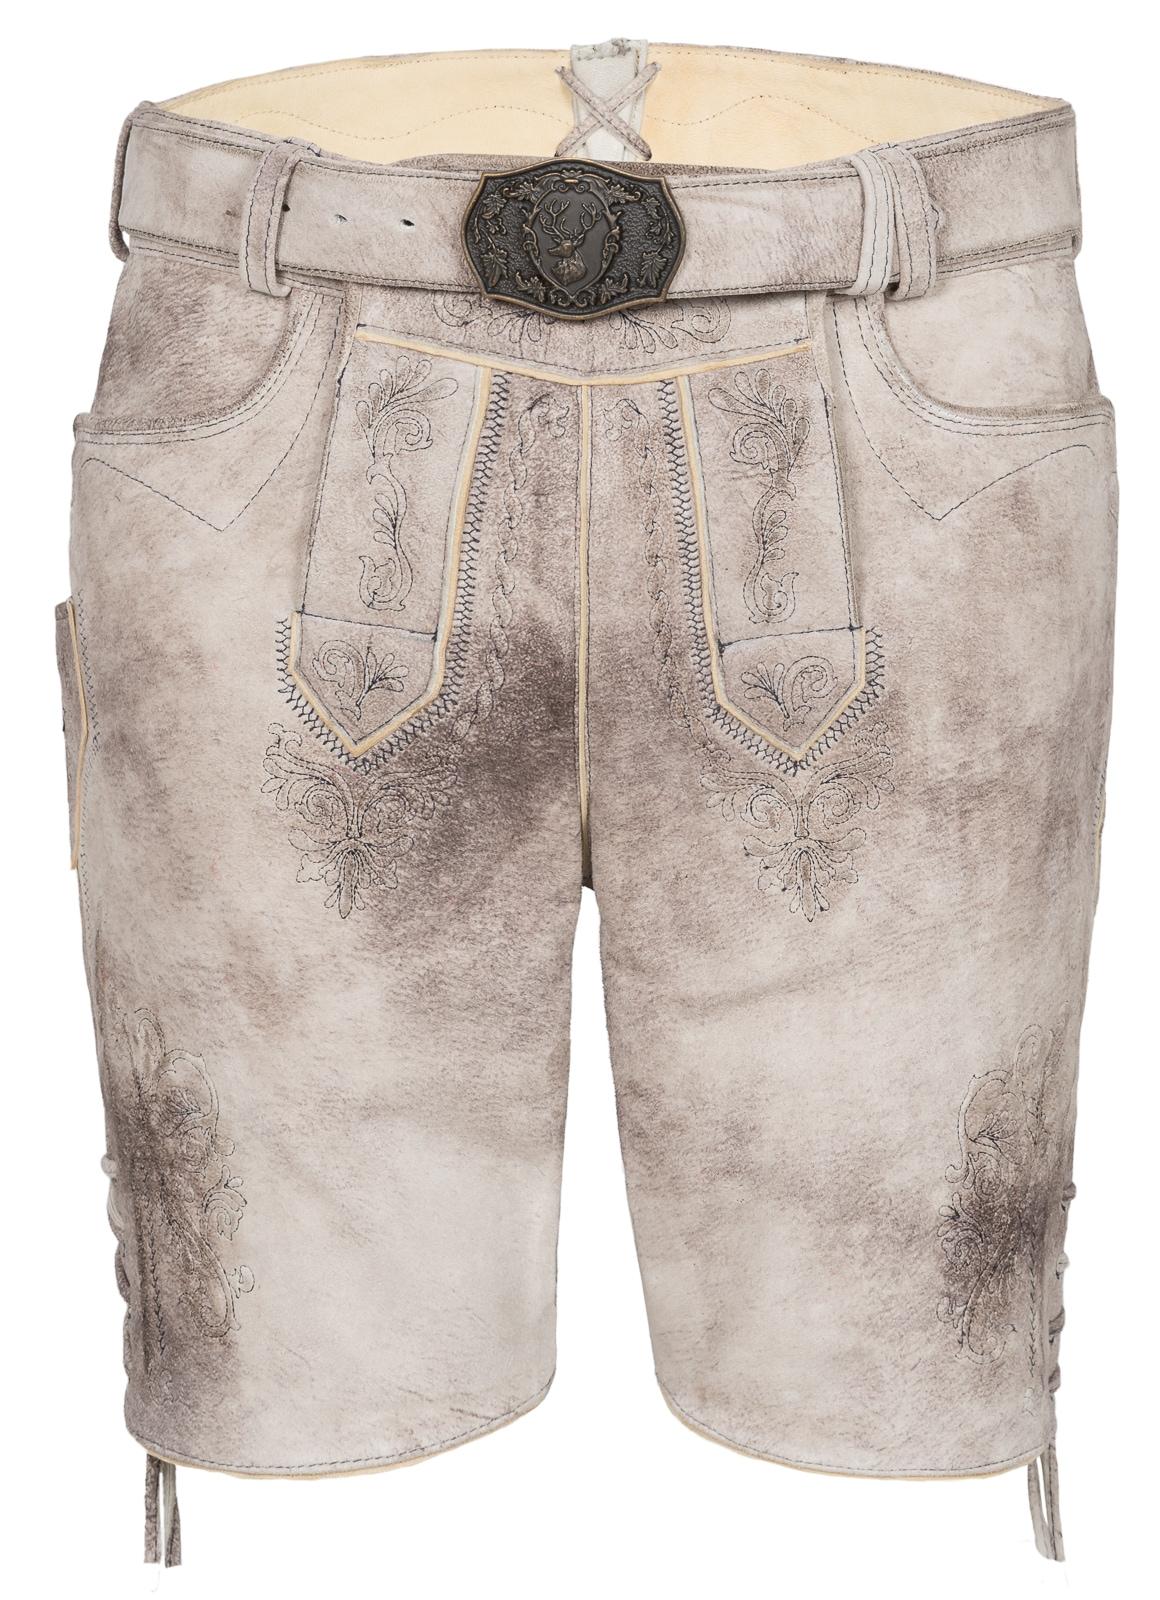 Spieth & Wensky Lederhose Gabriel kurz 43 cm   Bekleidung > Hosen > Lederhosen   Spieth & Wensky